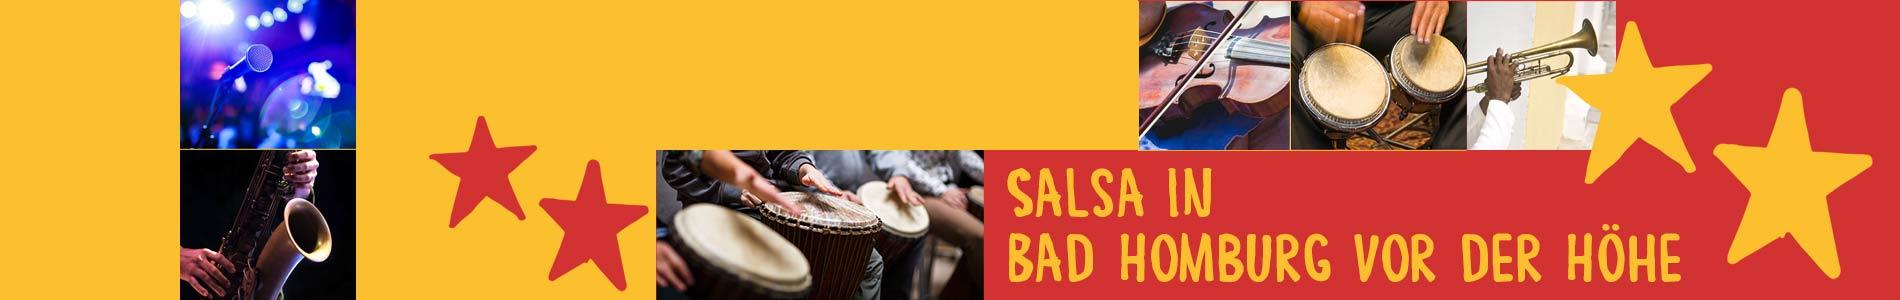 Salsa in Bad Homburg vor der Höhe – Salsa lernen und tanzen, Tanzkurse, Partys, Veranstaltungen